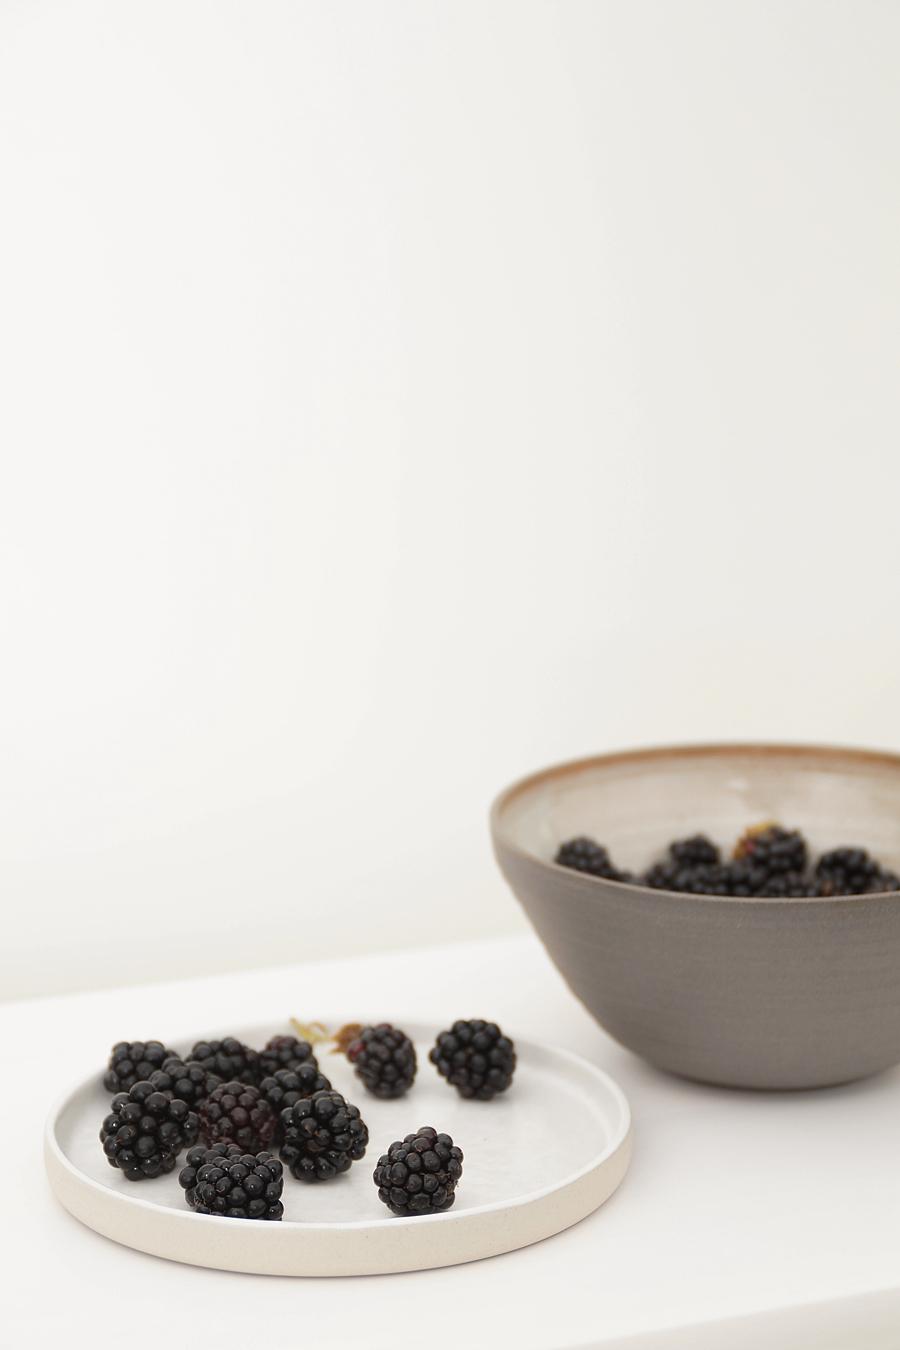 Minimalistisches Keramik-Geschirr | Handgemachte Keramik angucken und kaufen: Keramiktage in Oldenburg. Tasteboykott.